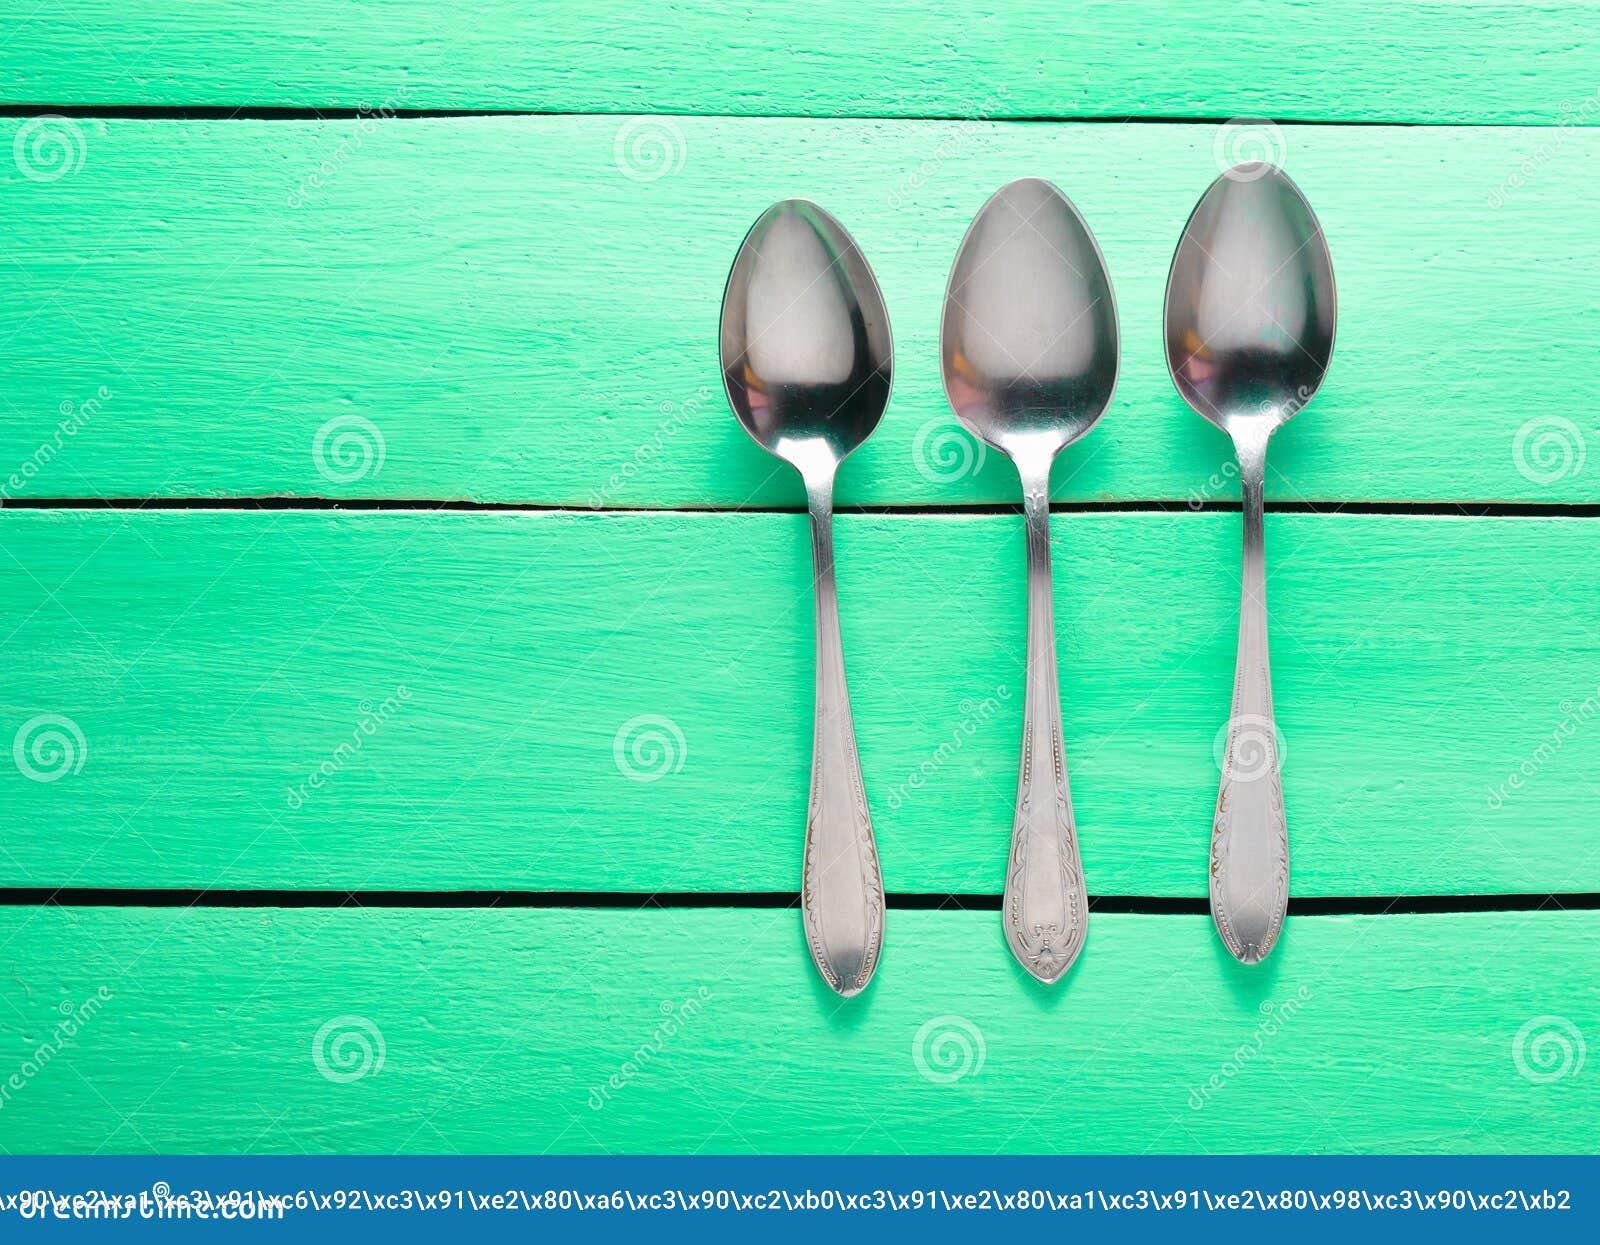 Três colheres de prata em uma tabela de madeira de turquesa Vista superior Copie o espaço